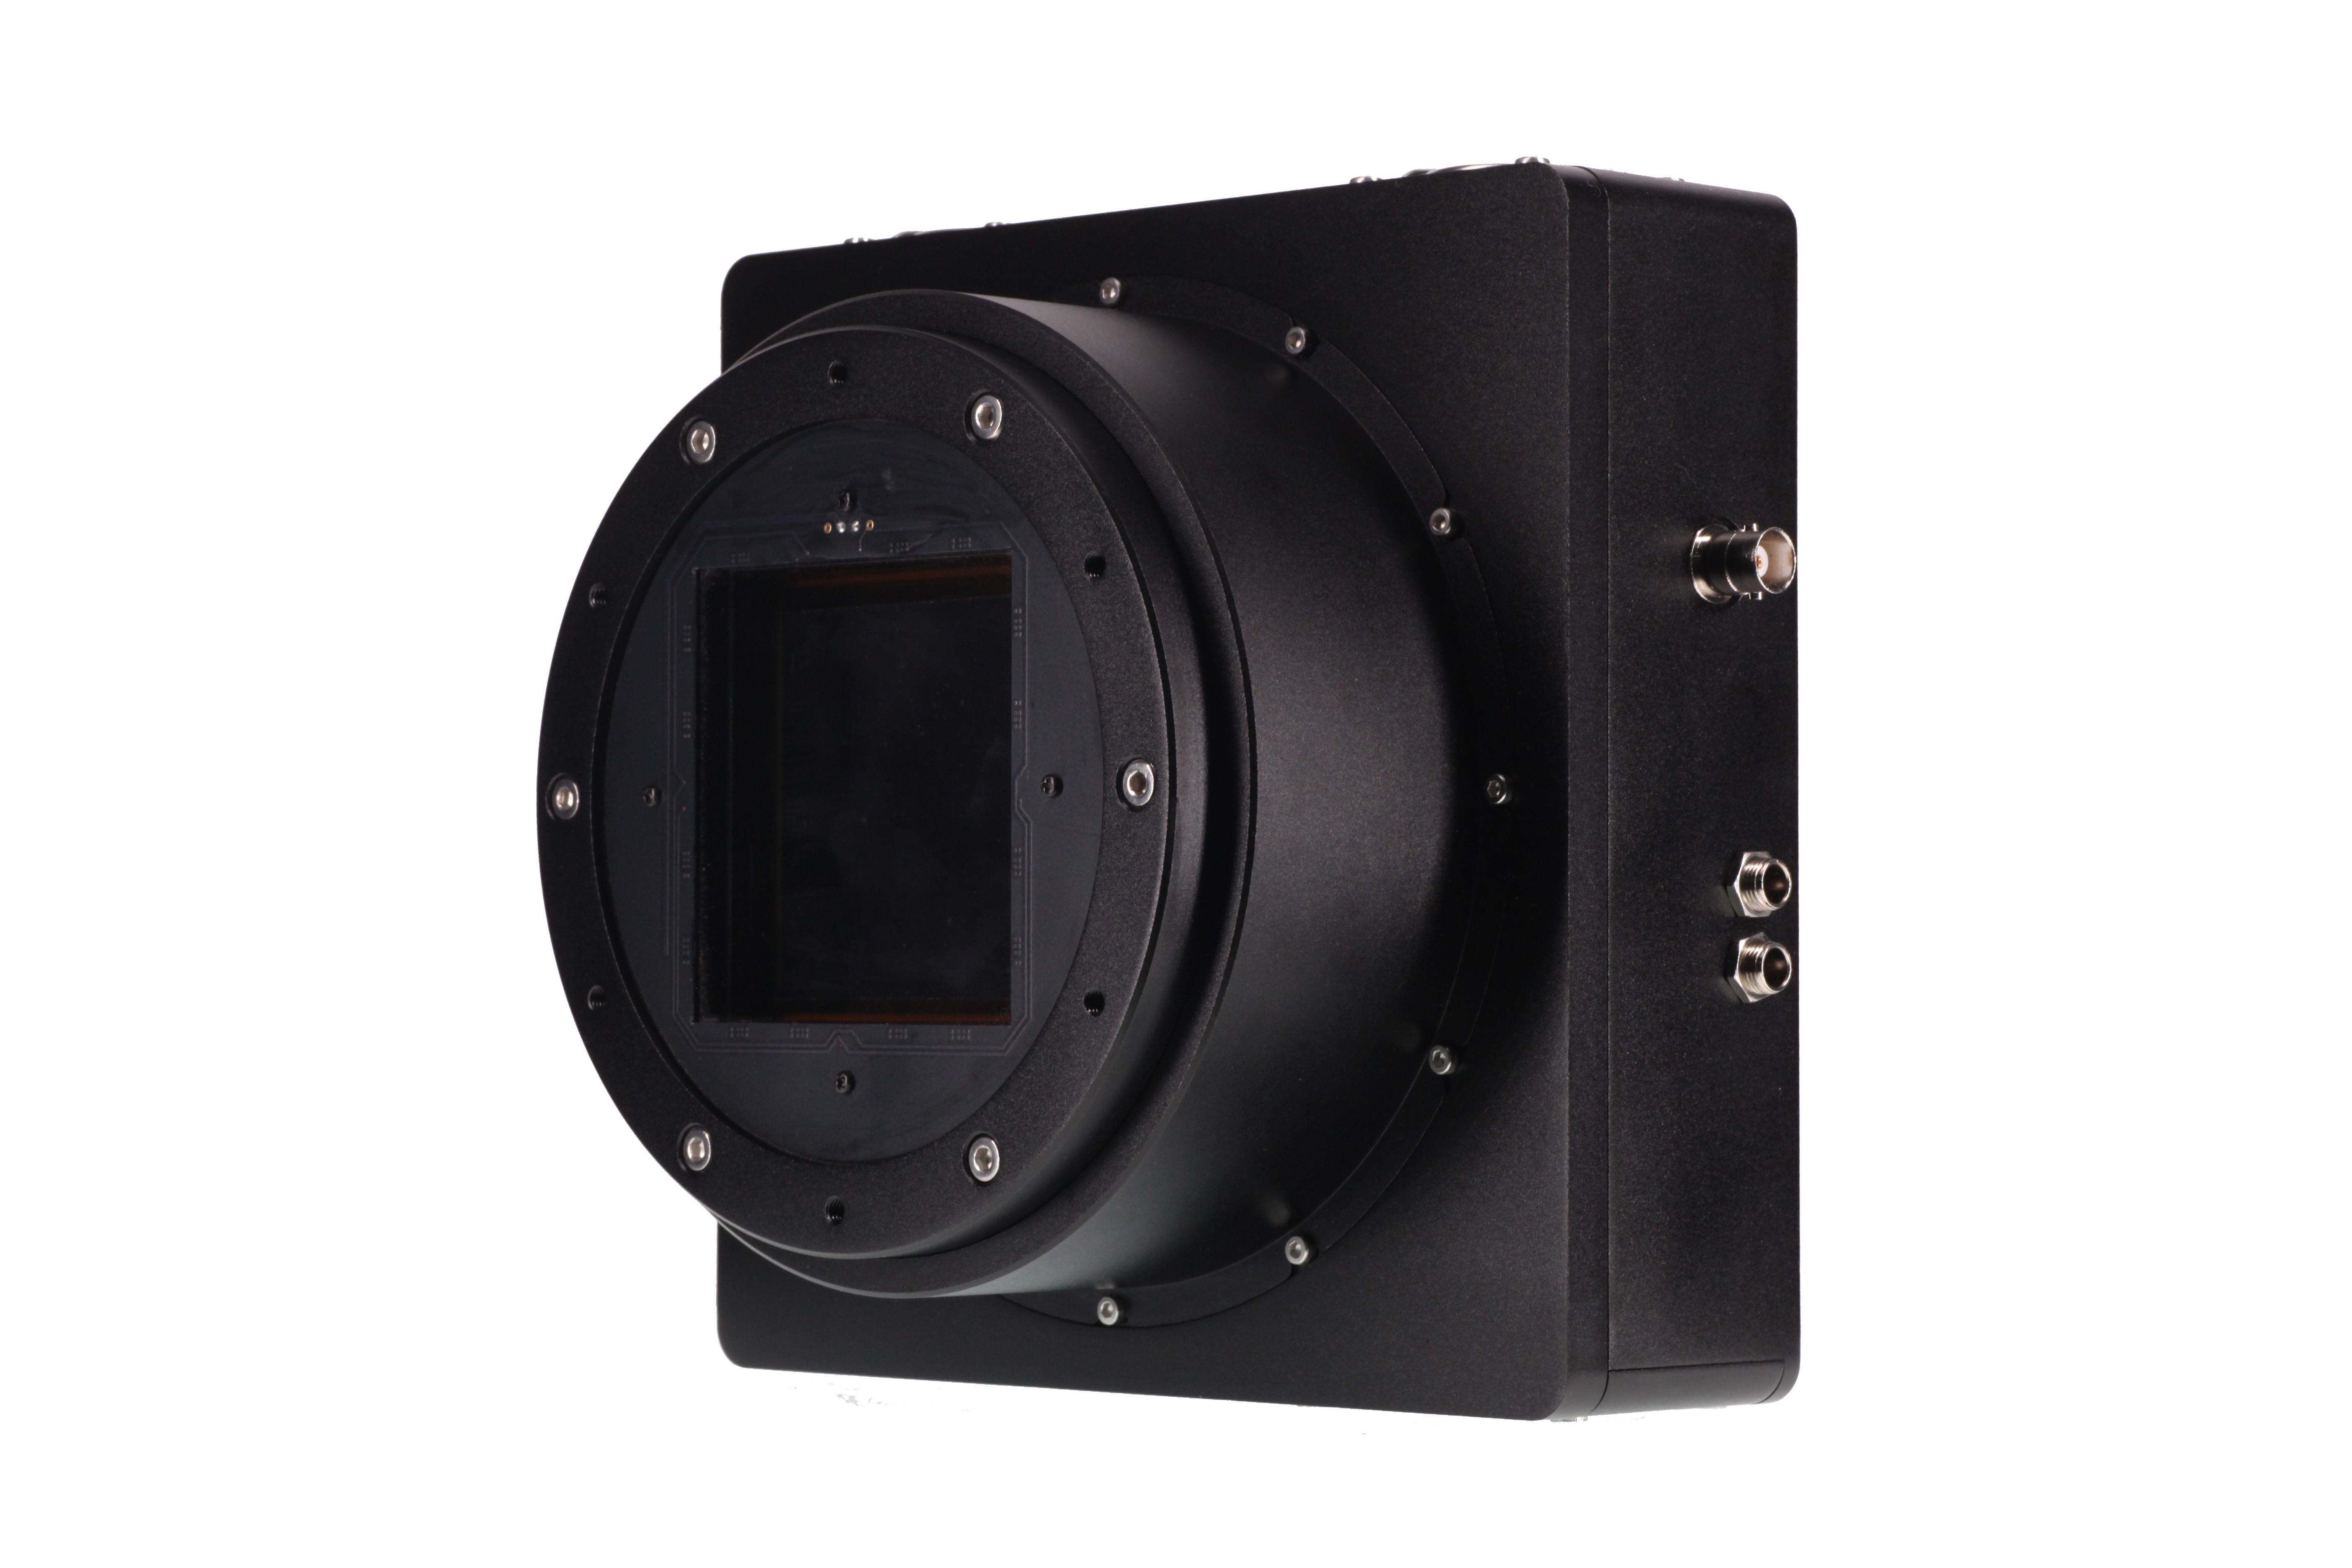 QHY6060 BSI / FSI Cooled Scientific Kamera